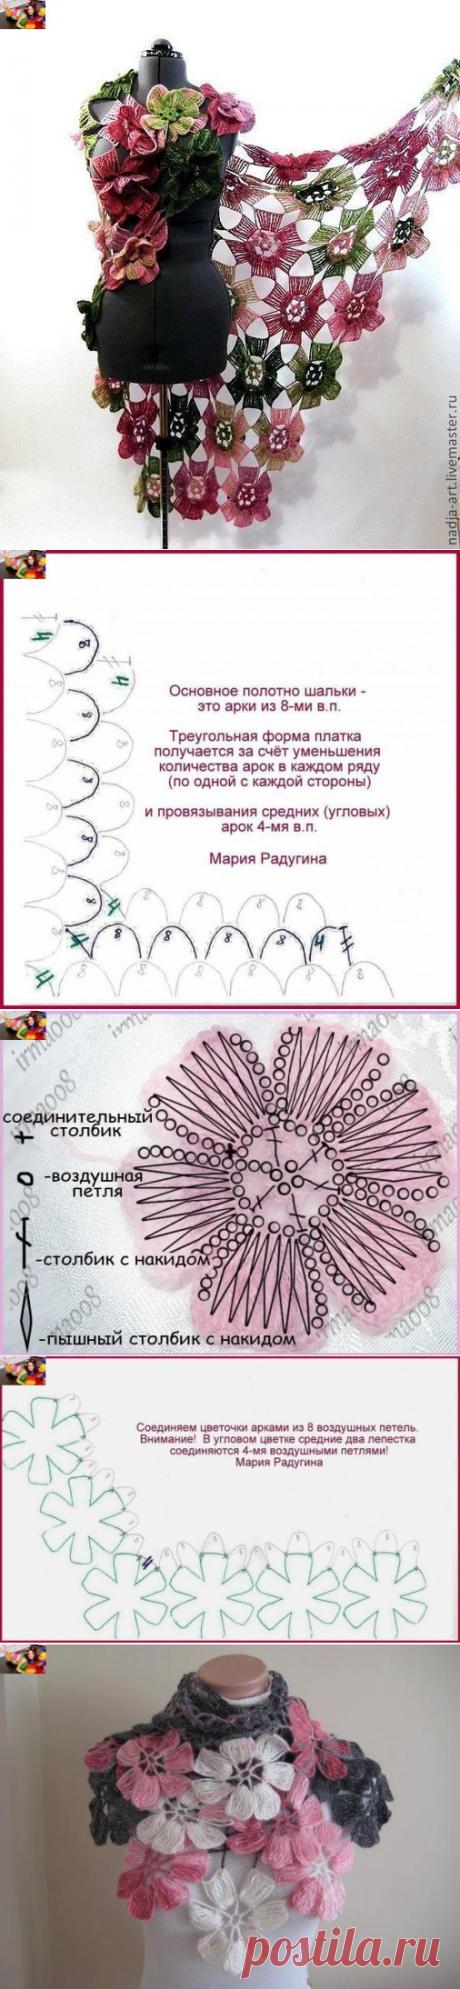 """Шикарная шаль """"Цветы"""" (Вязание крючком) – Журнал Вдохновение Рукодельницы"""